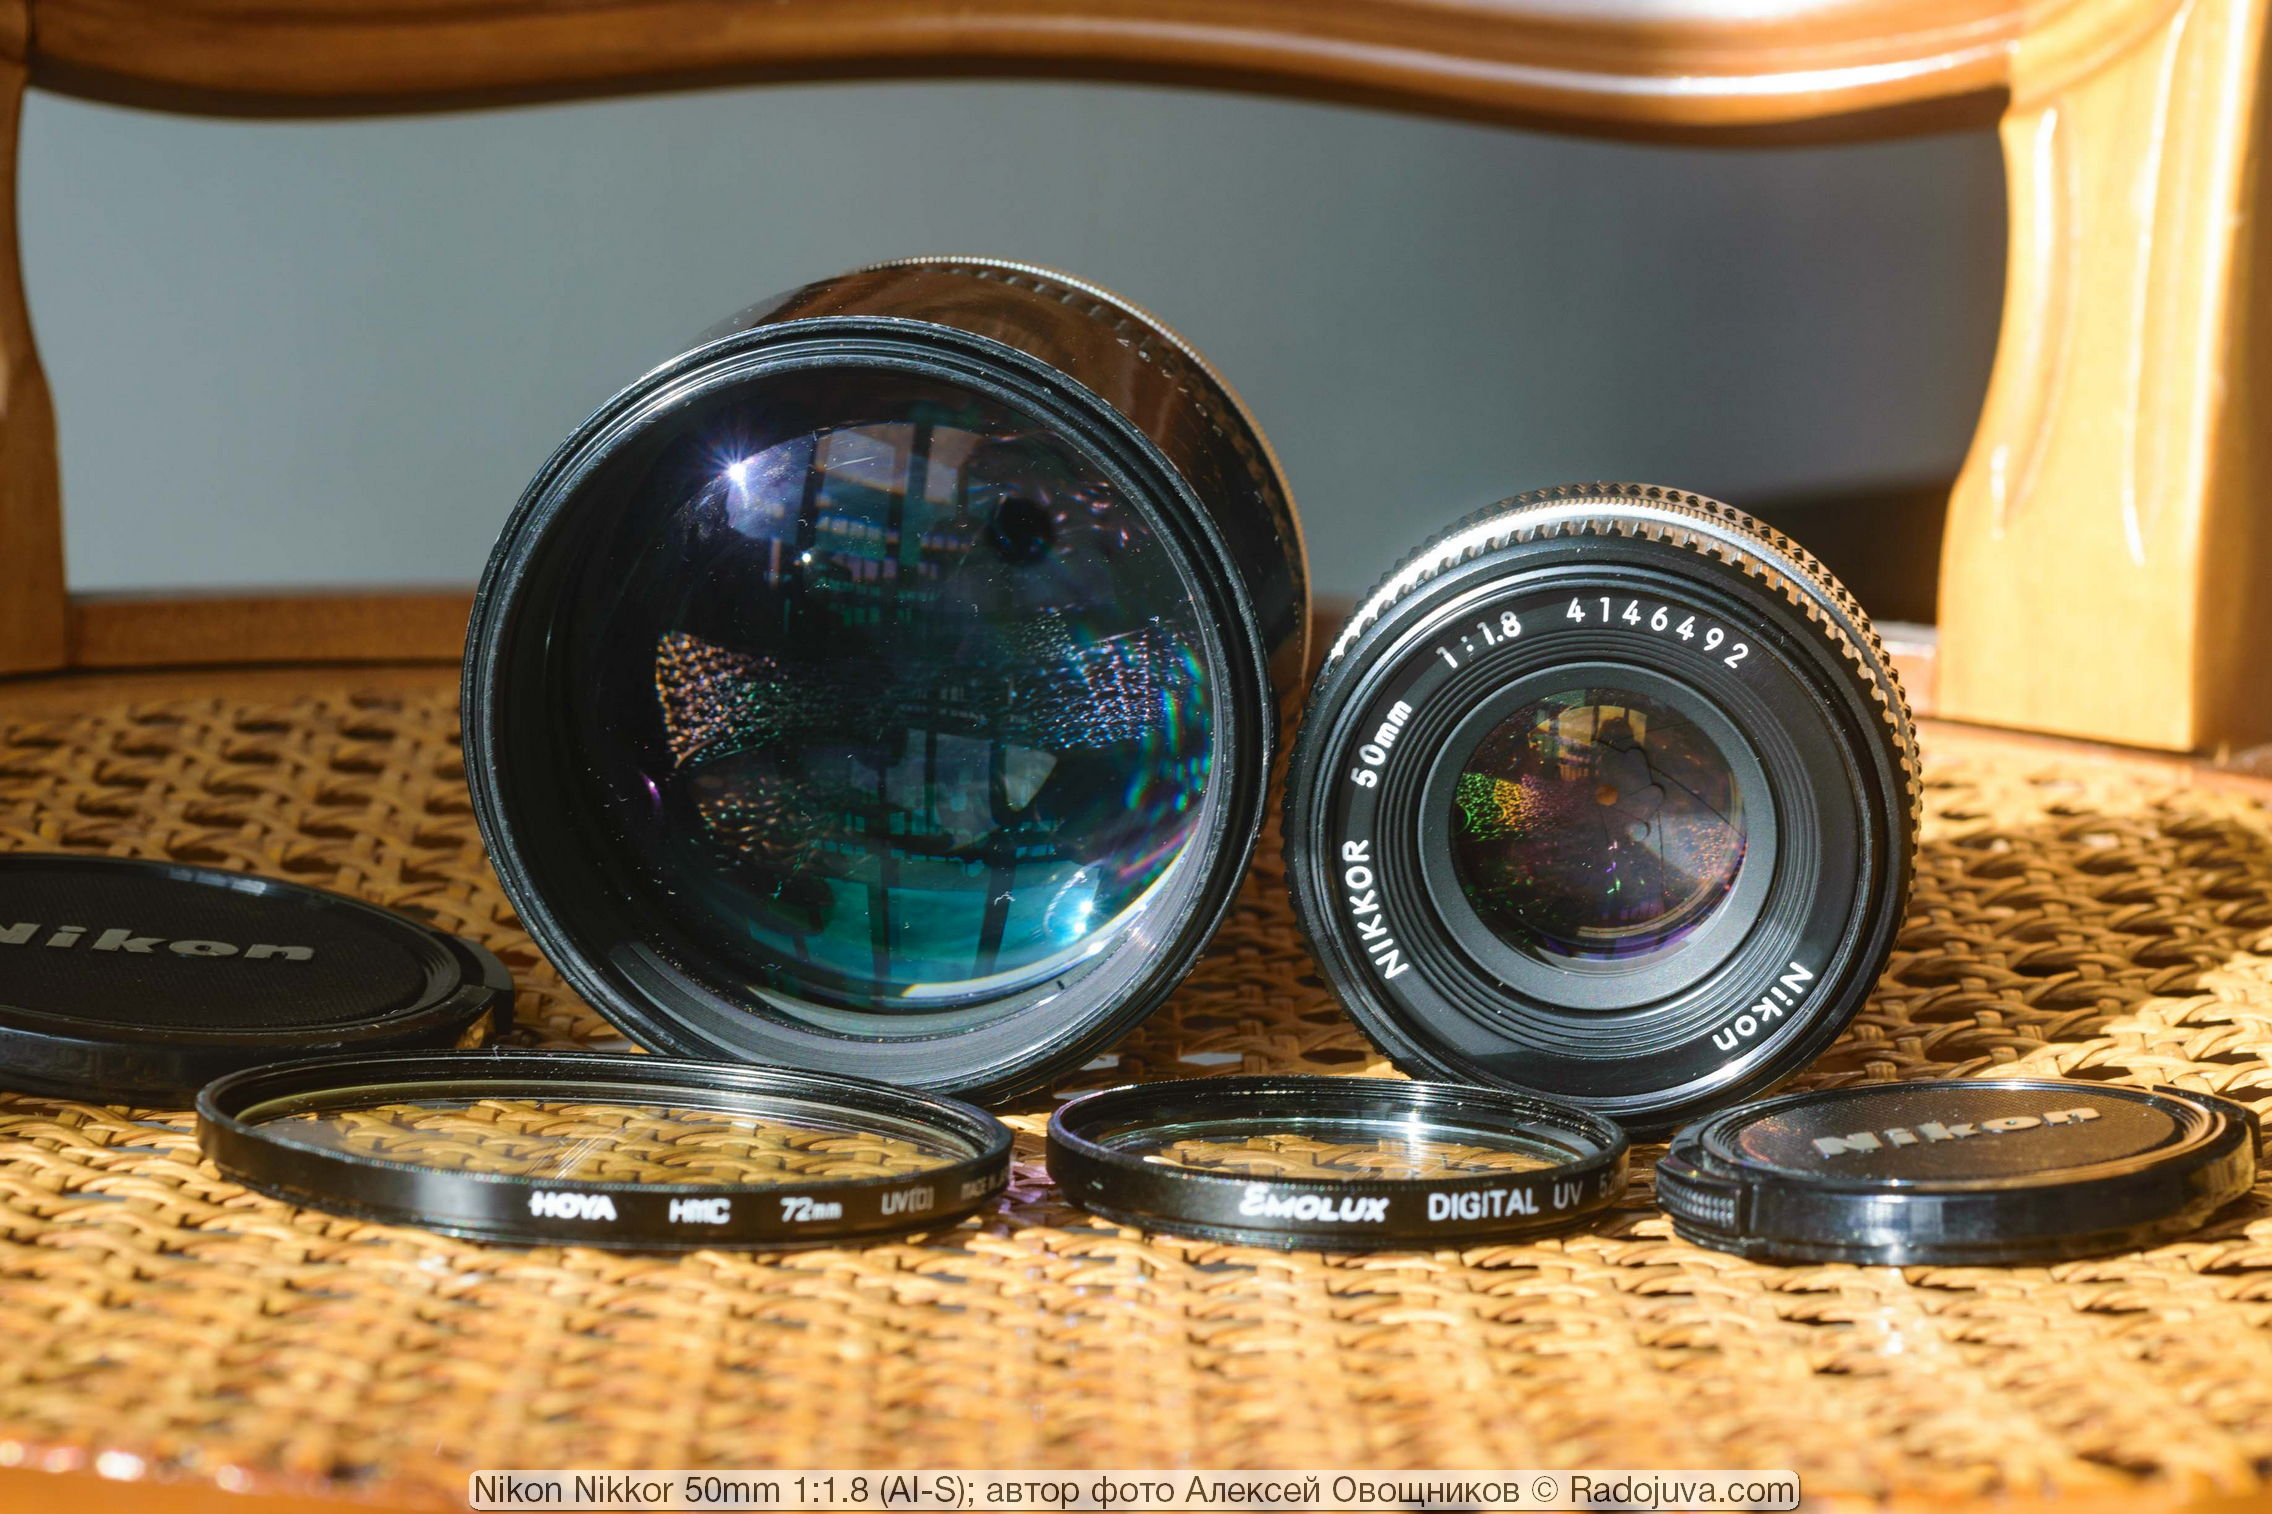 Nikkor 50 mm F1.8 рядом с Nikkor 135 mm F2